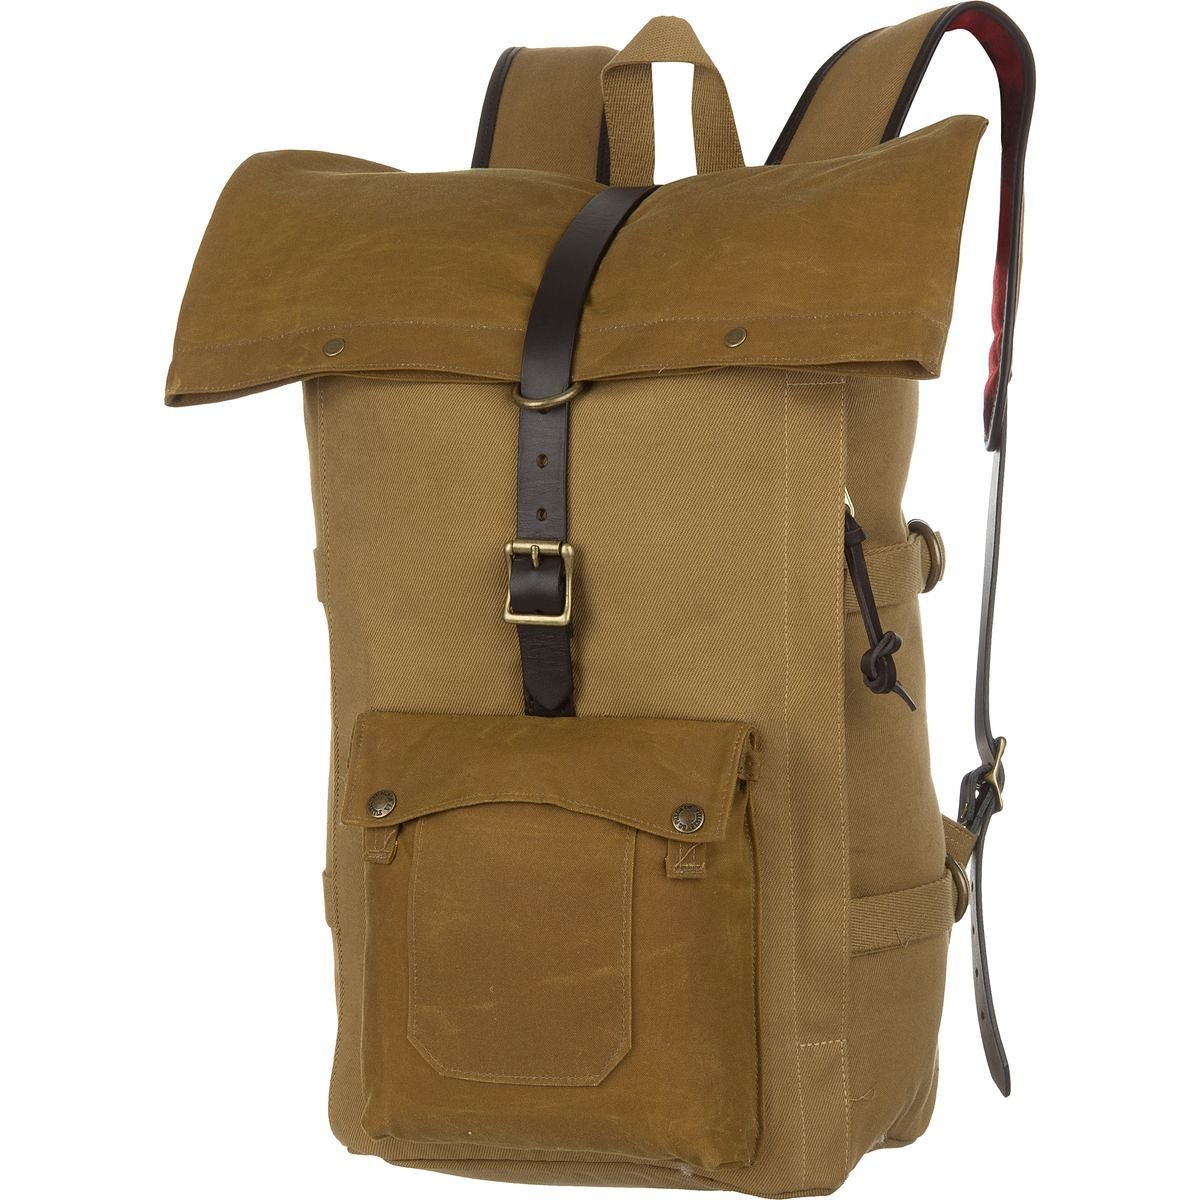 [フィルソン] メンズ バックパックリュックサック Roll Top Backpack [並行輸入品] B079DXBC57  No-Size